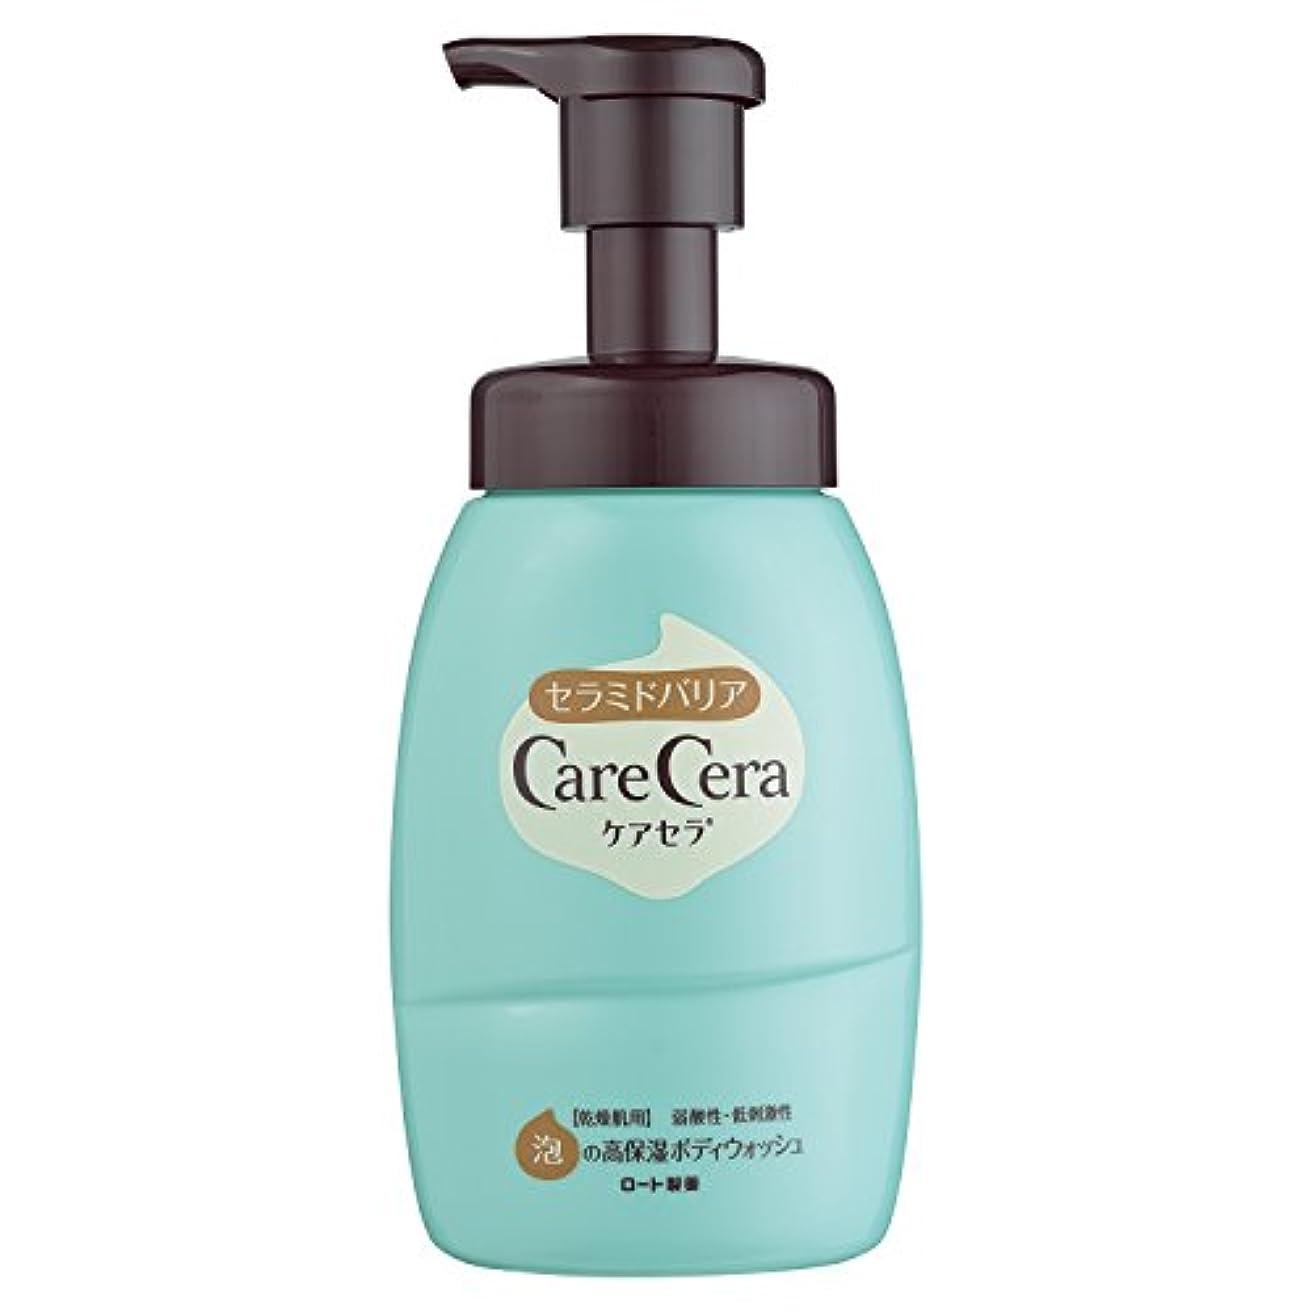 辛なモスセージロート製薬 ケアセラ 天然型セラミド7種配合 セラミド濃度10倍泡の高保湿 全身ボディウォッシュ ピュアフローラルの香り 450mL